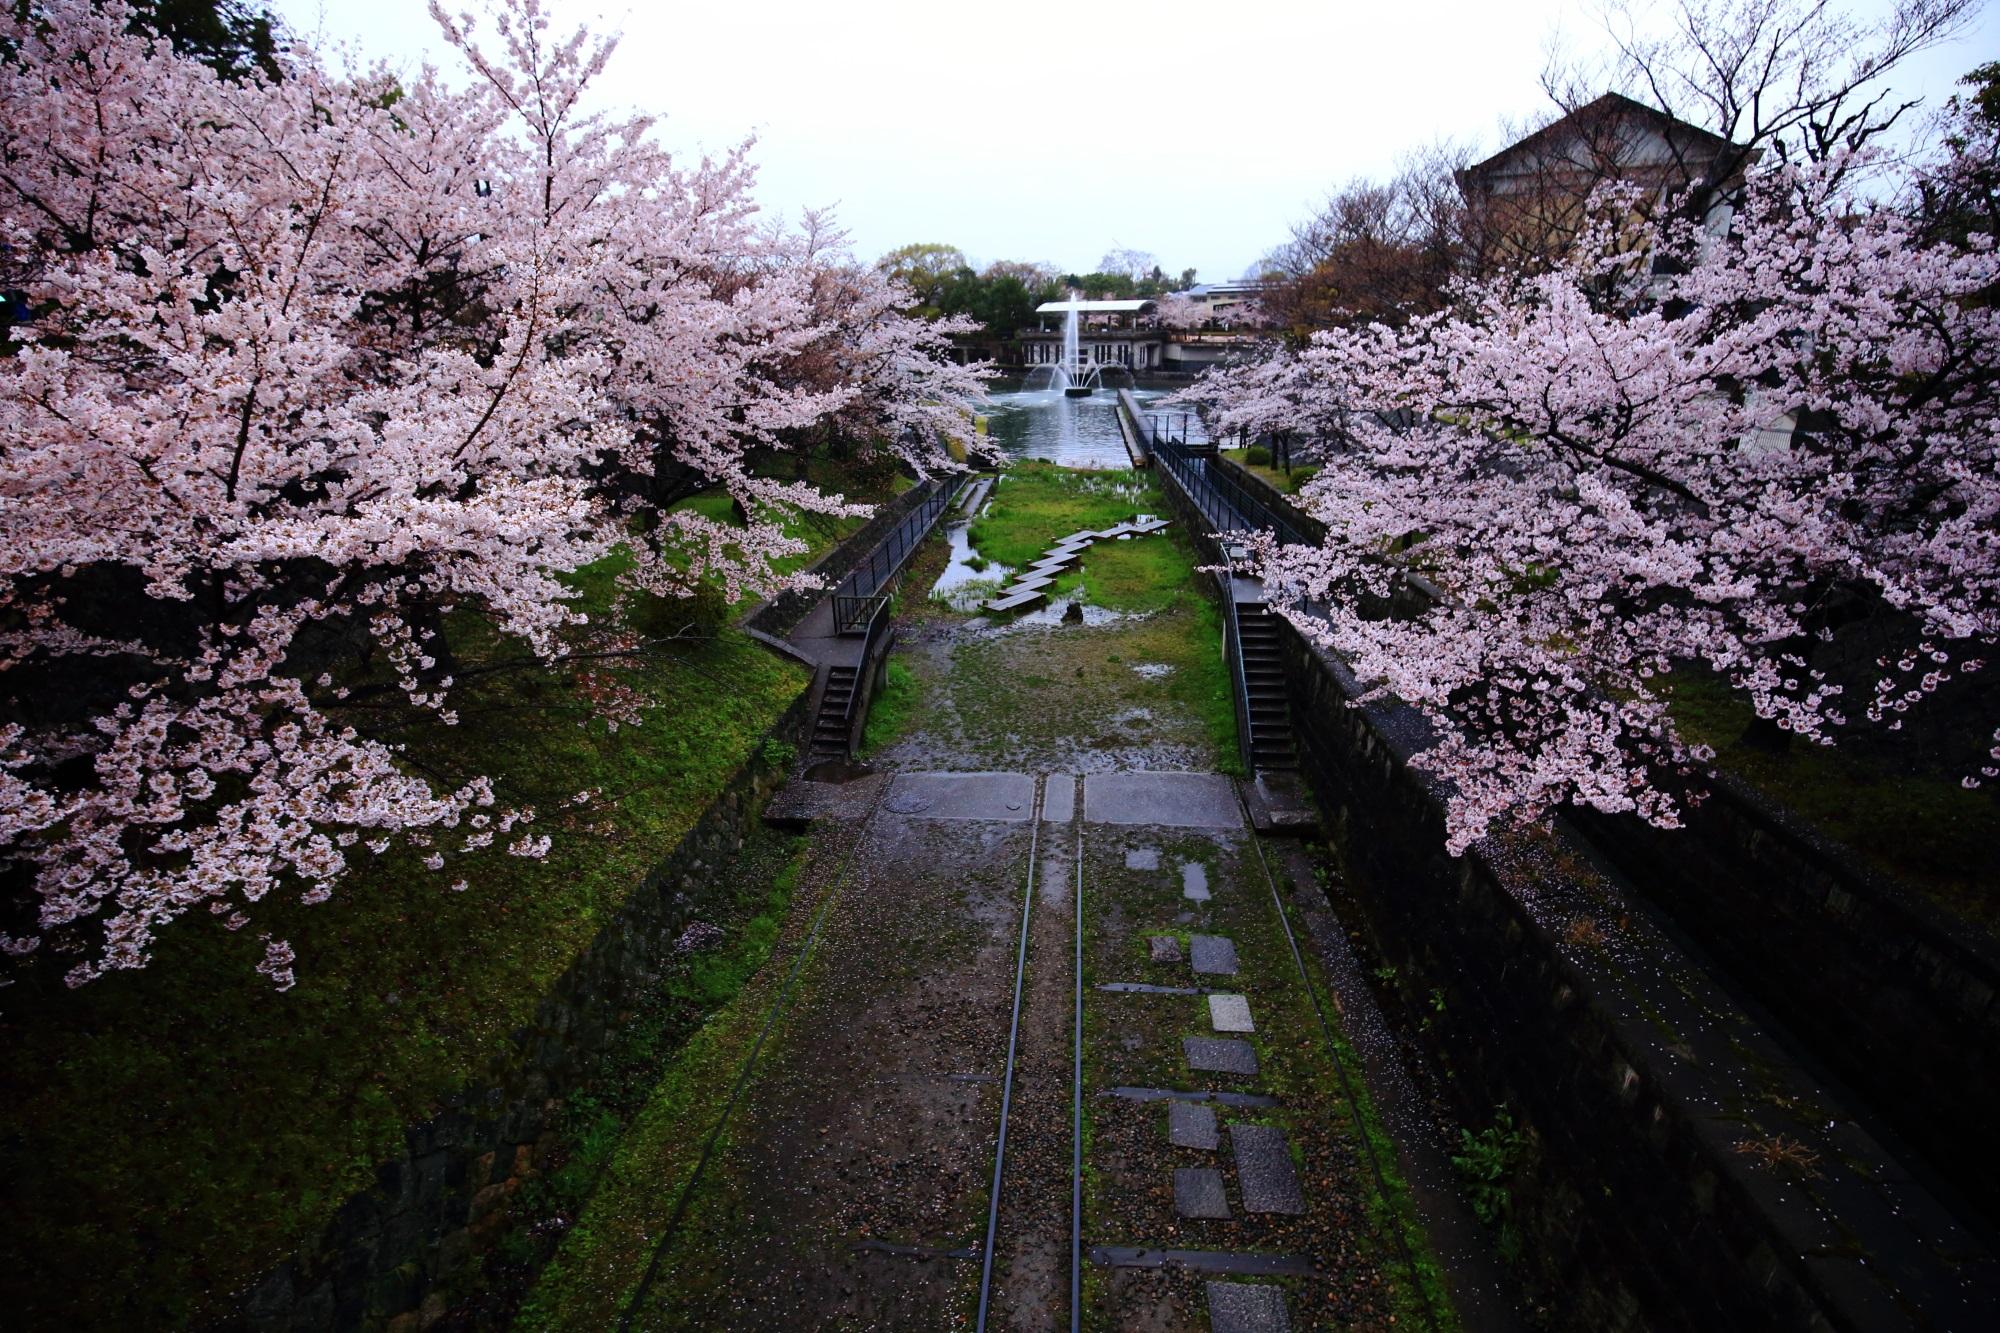 蹴上インクラインと琵琶湖疏水記念館の素晴らしい桜と情景